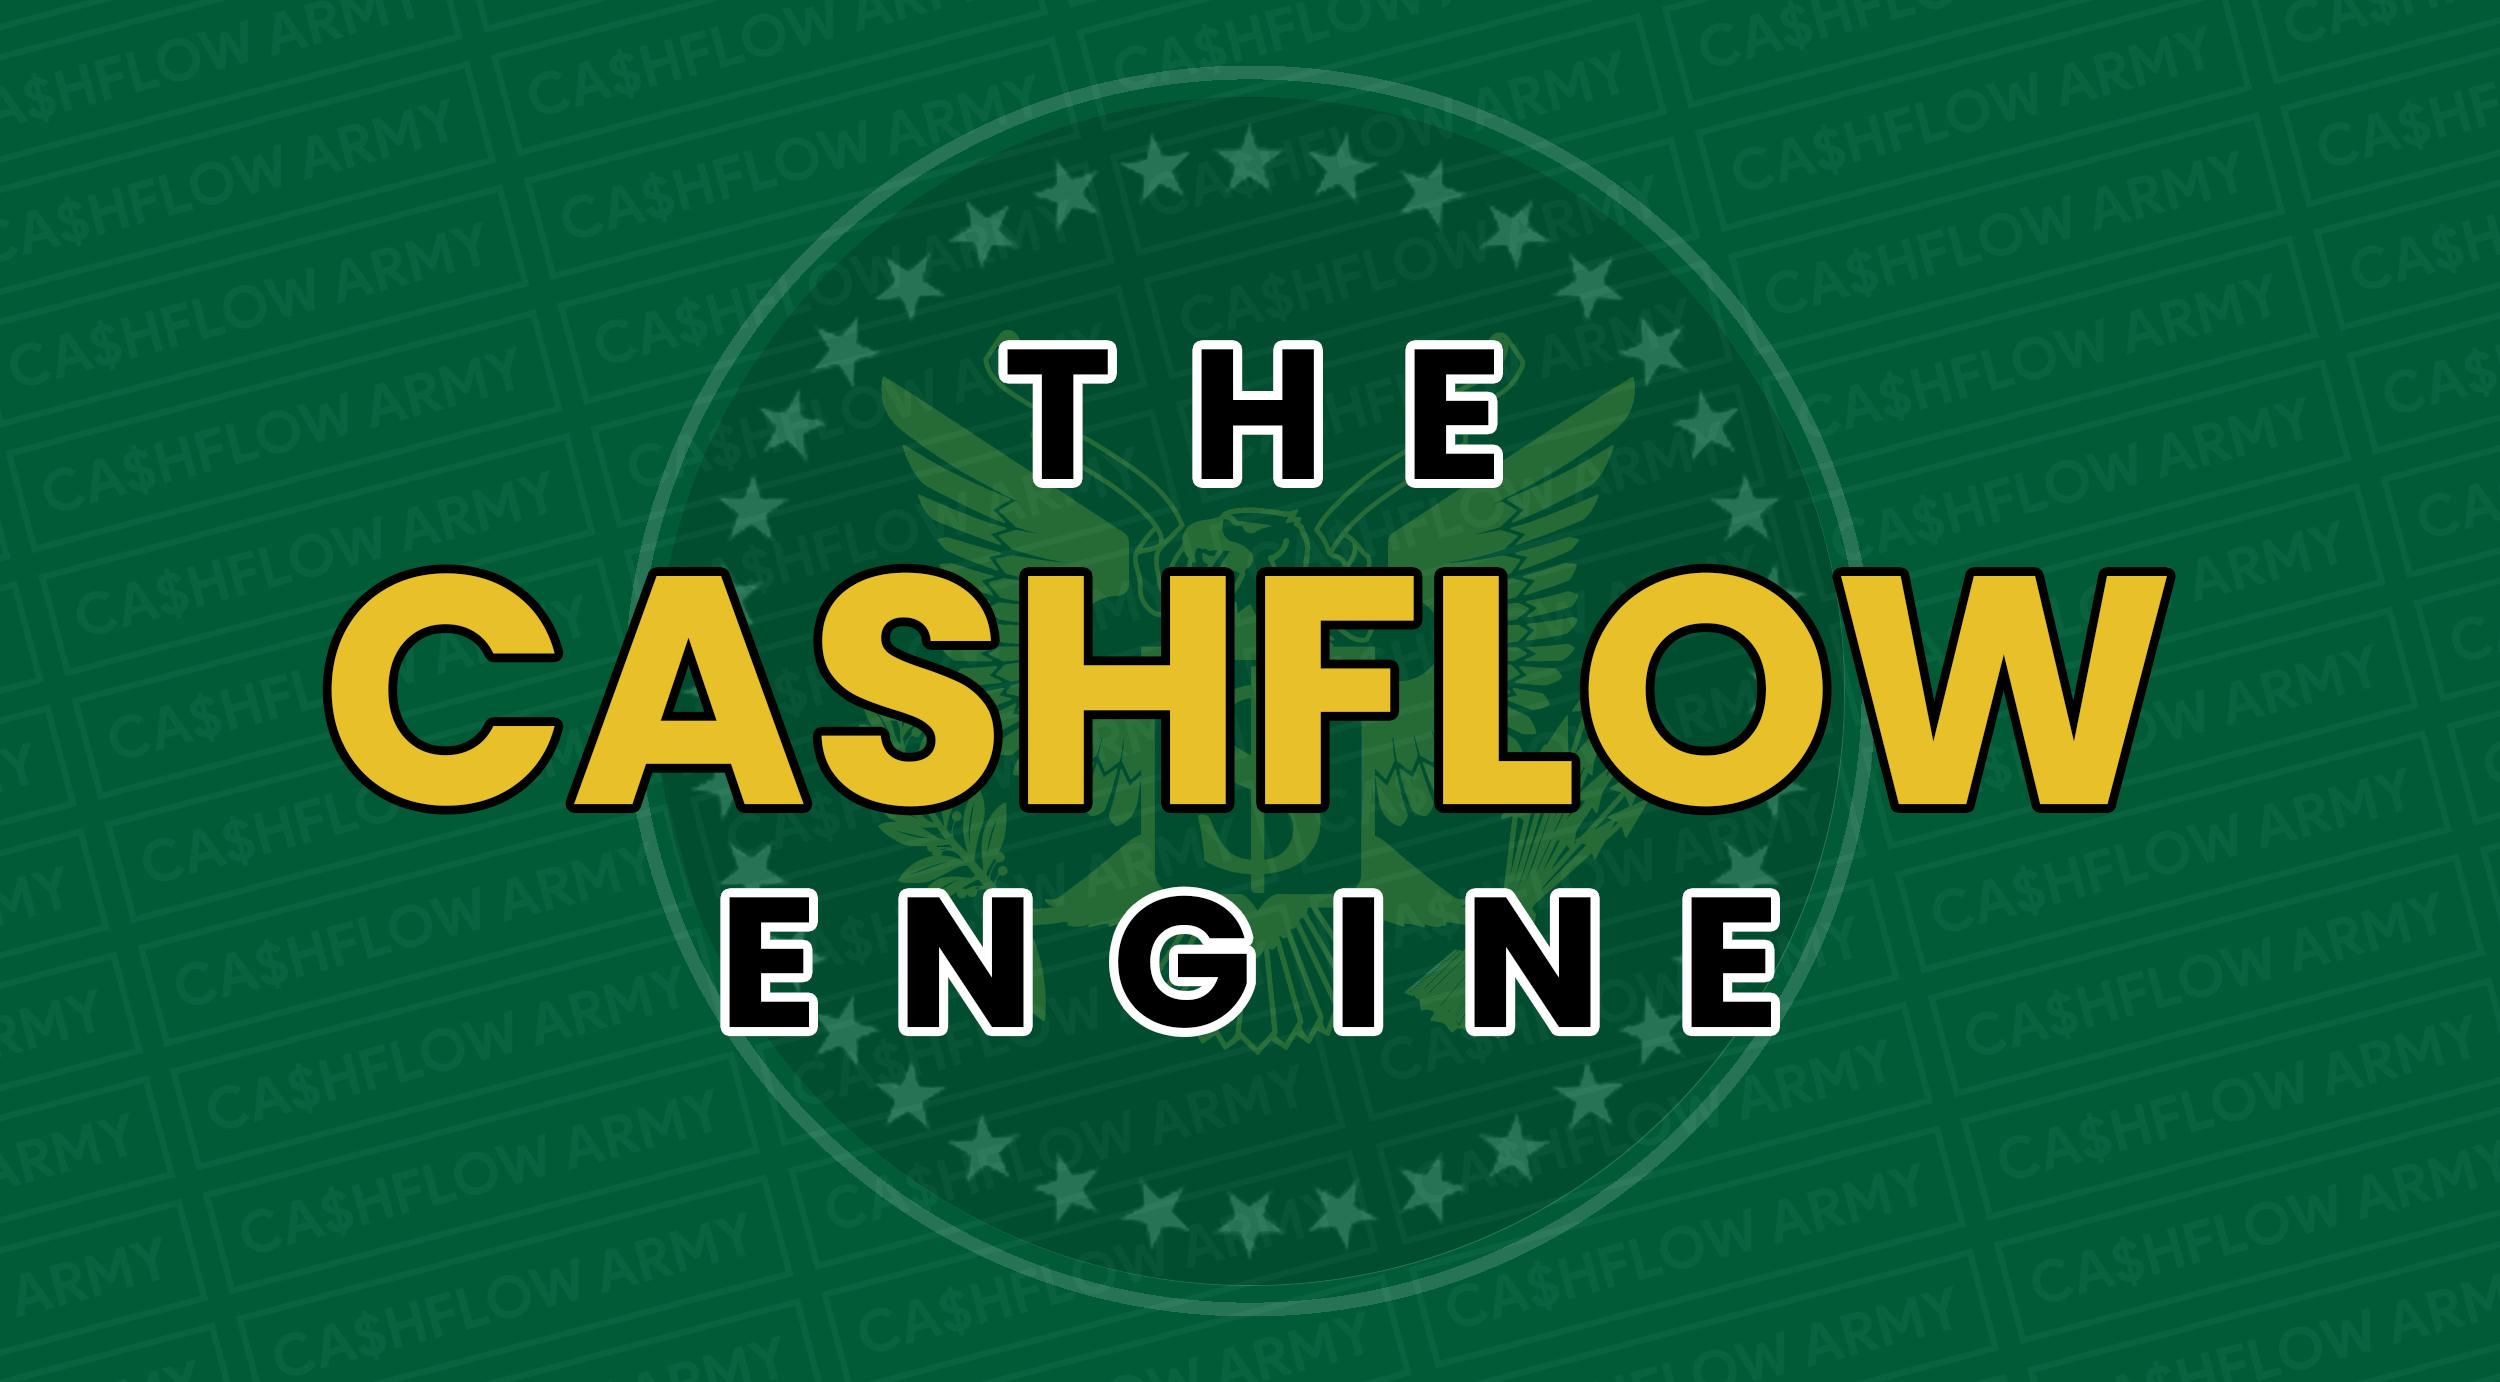 The Cashflow Engine